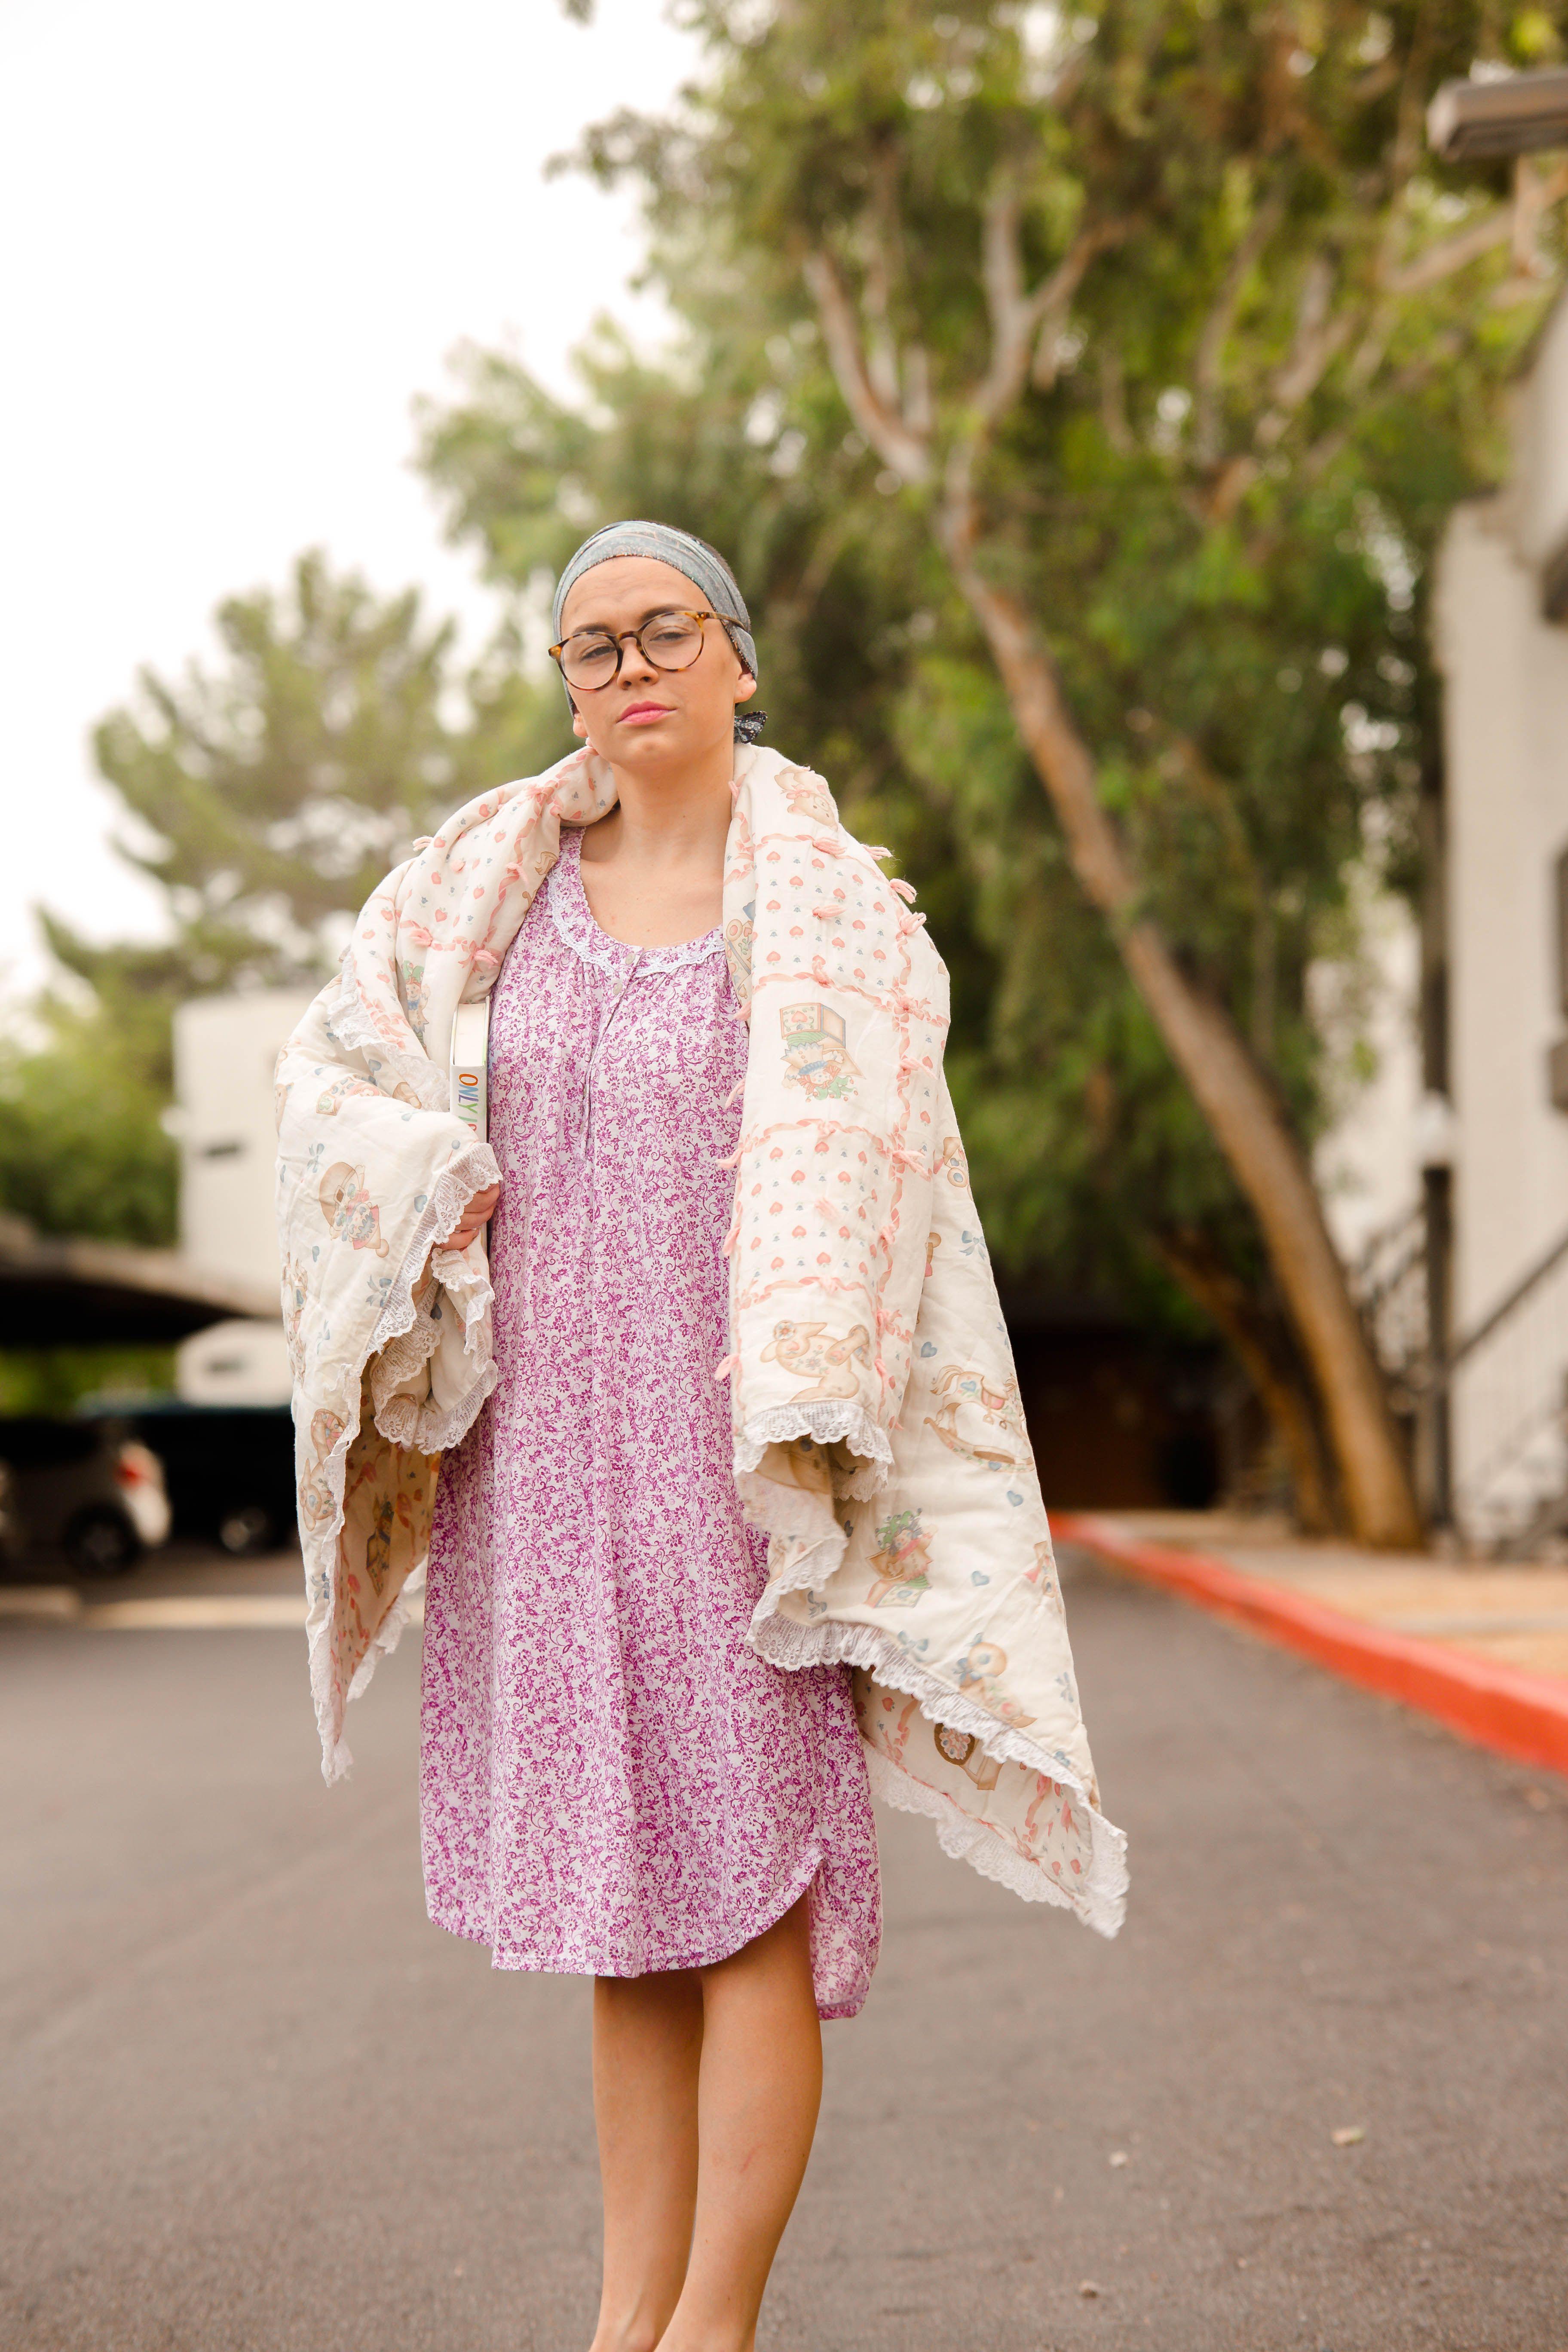 13+ Old lady dress ideas in 2021